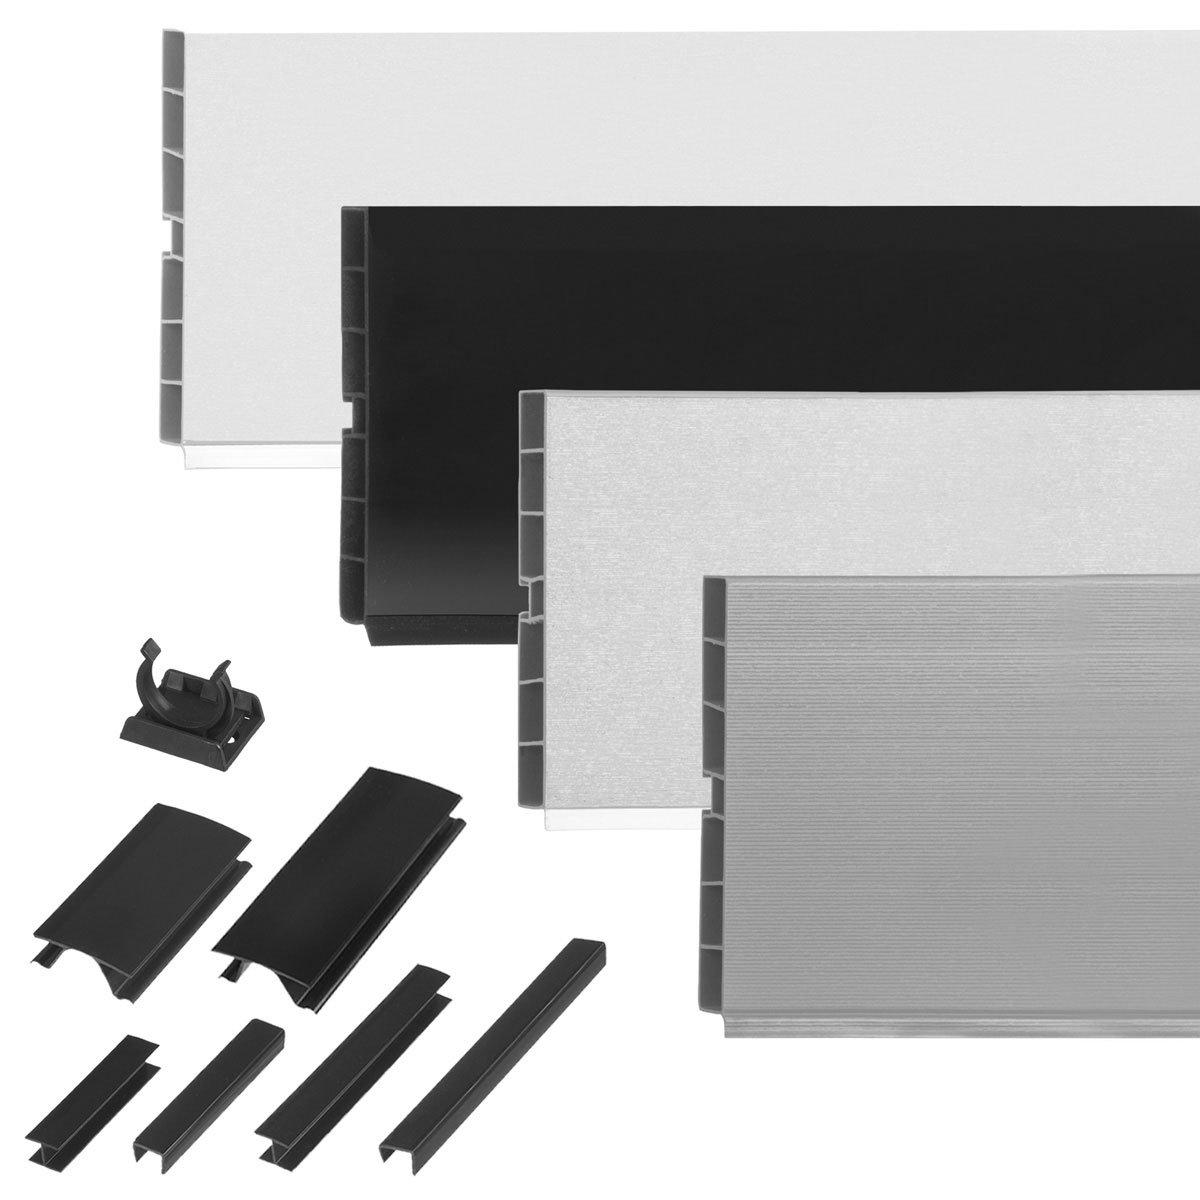 HOLZBRINK Acabado para Base de Z/ócalo para Cocina de M/ódulos Altura 100 mm blanco alto brill HBK10